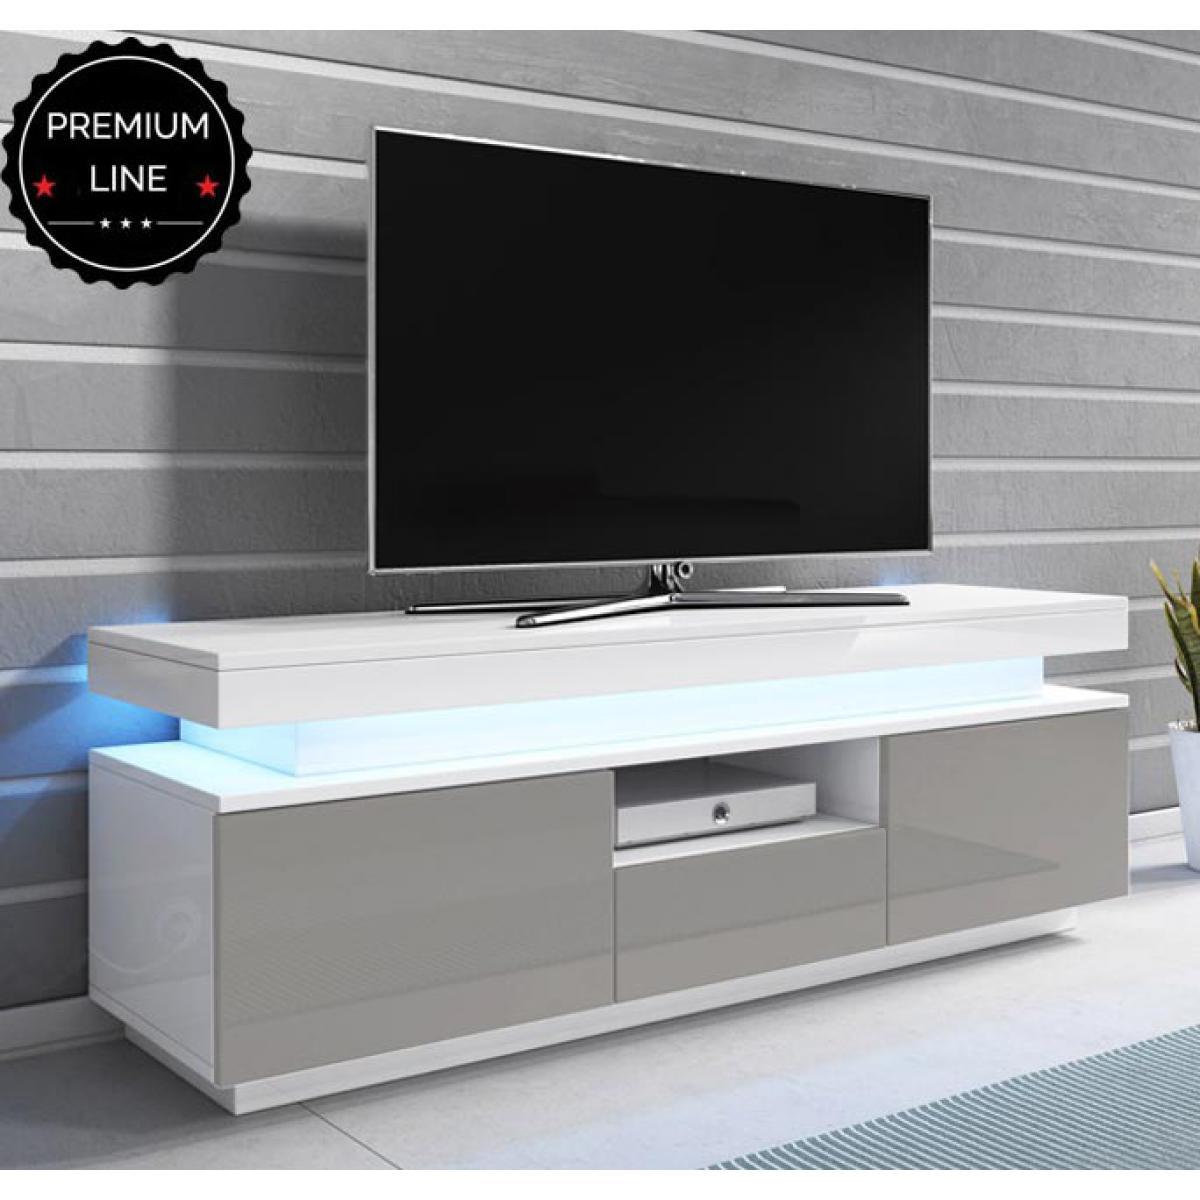 Design Ameublement Meuble TV modèle Persis (130cm) bianc et gris